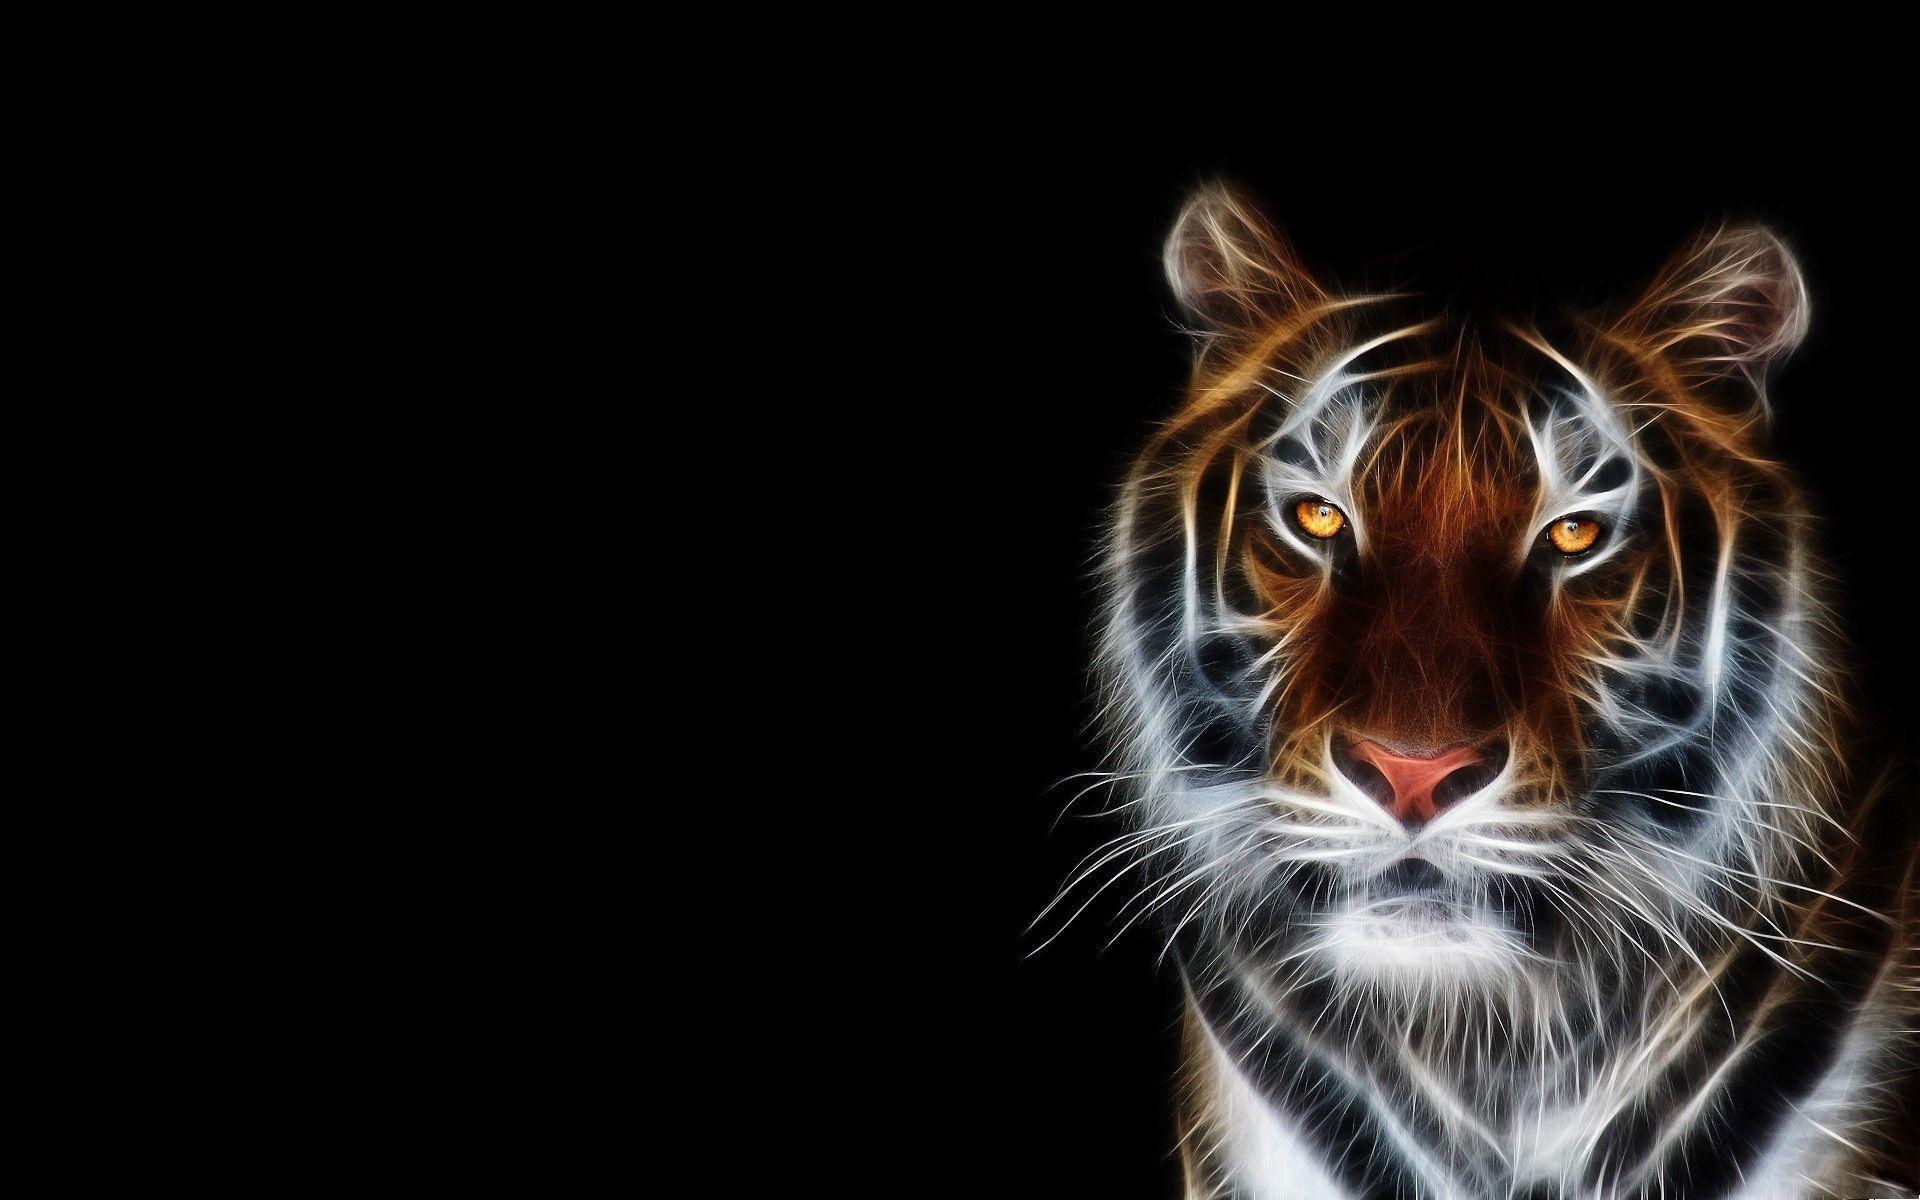 Black Tiger Wallpapers Wallpaper Cave